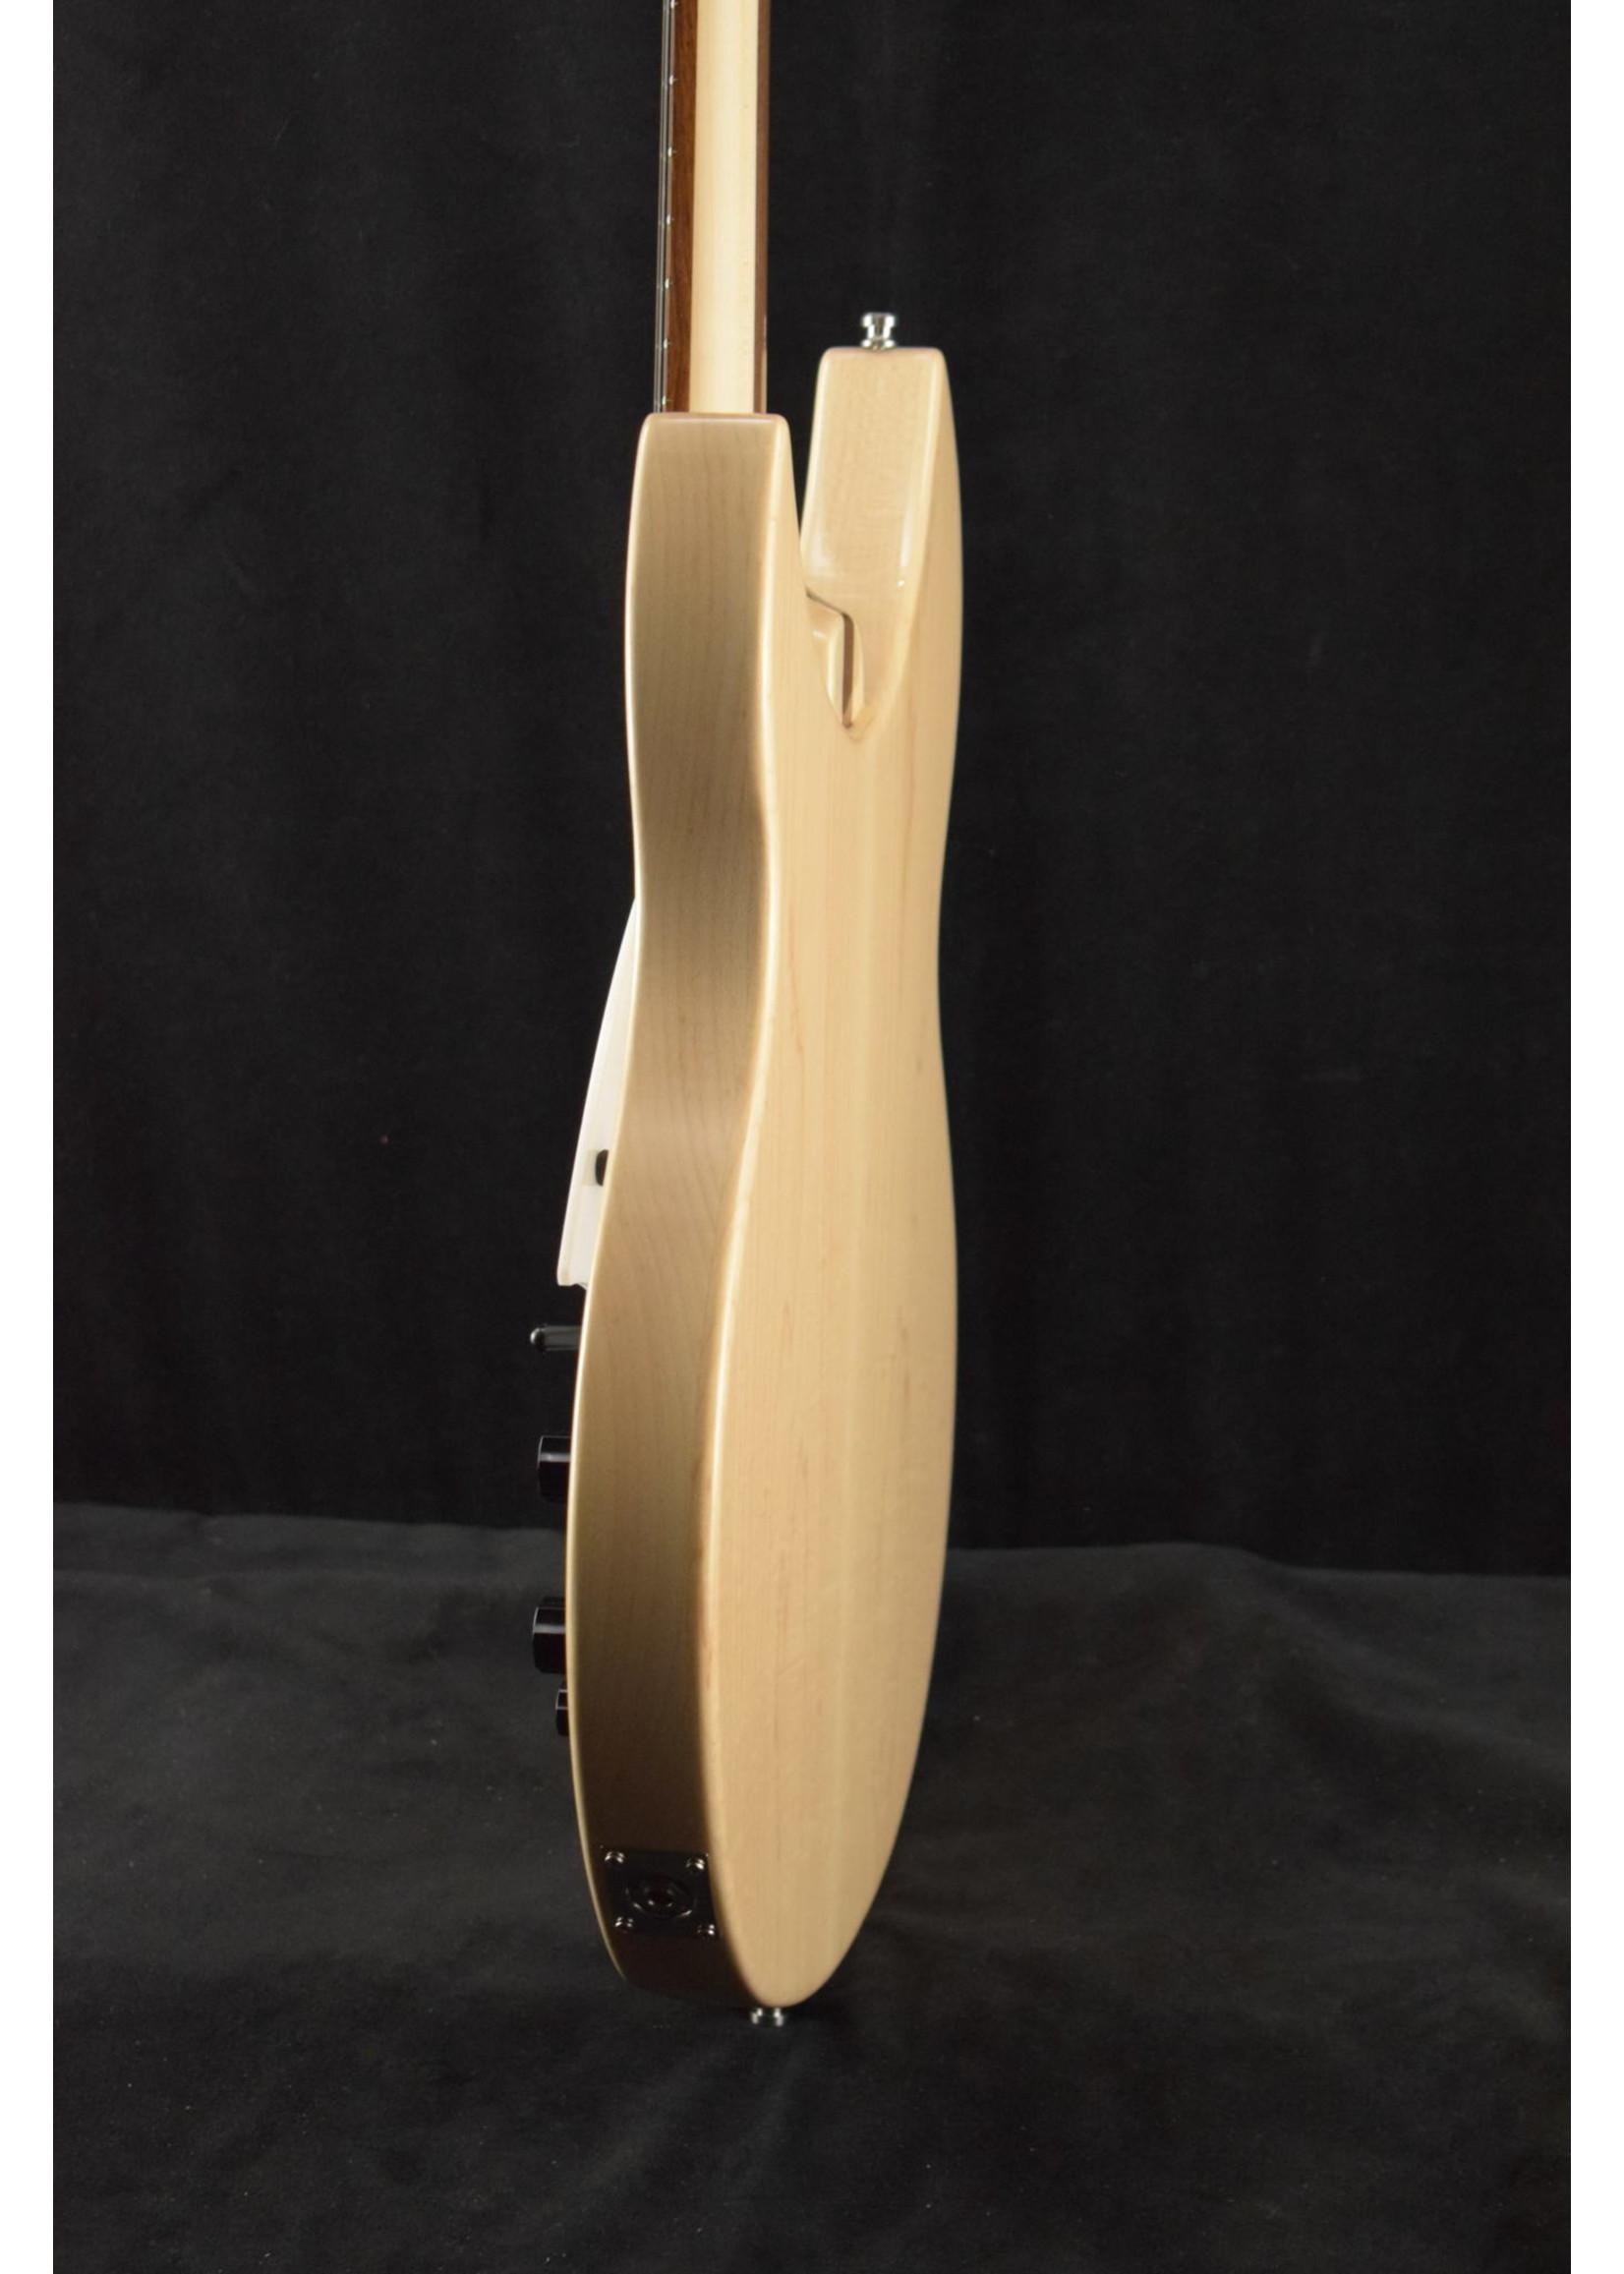 Rickenbacker Rickenbacker 330/12 12-String Mapleglo